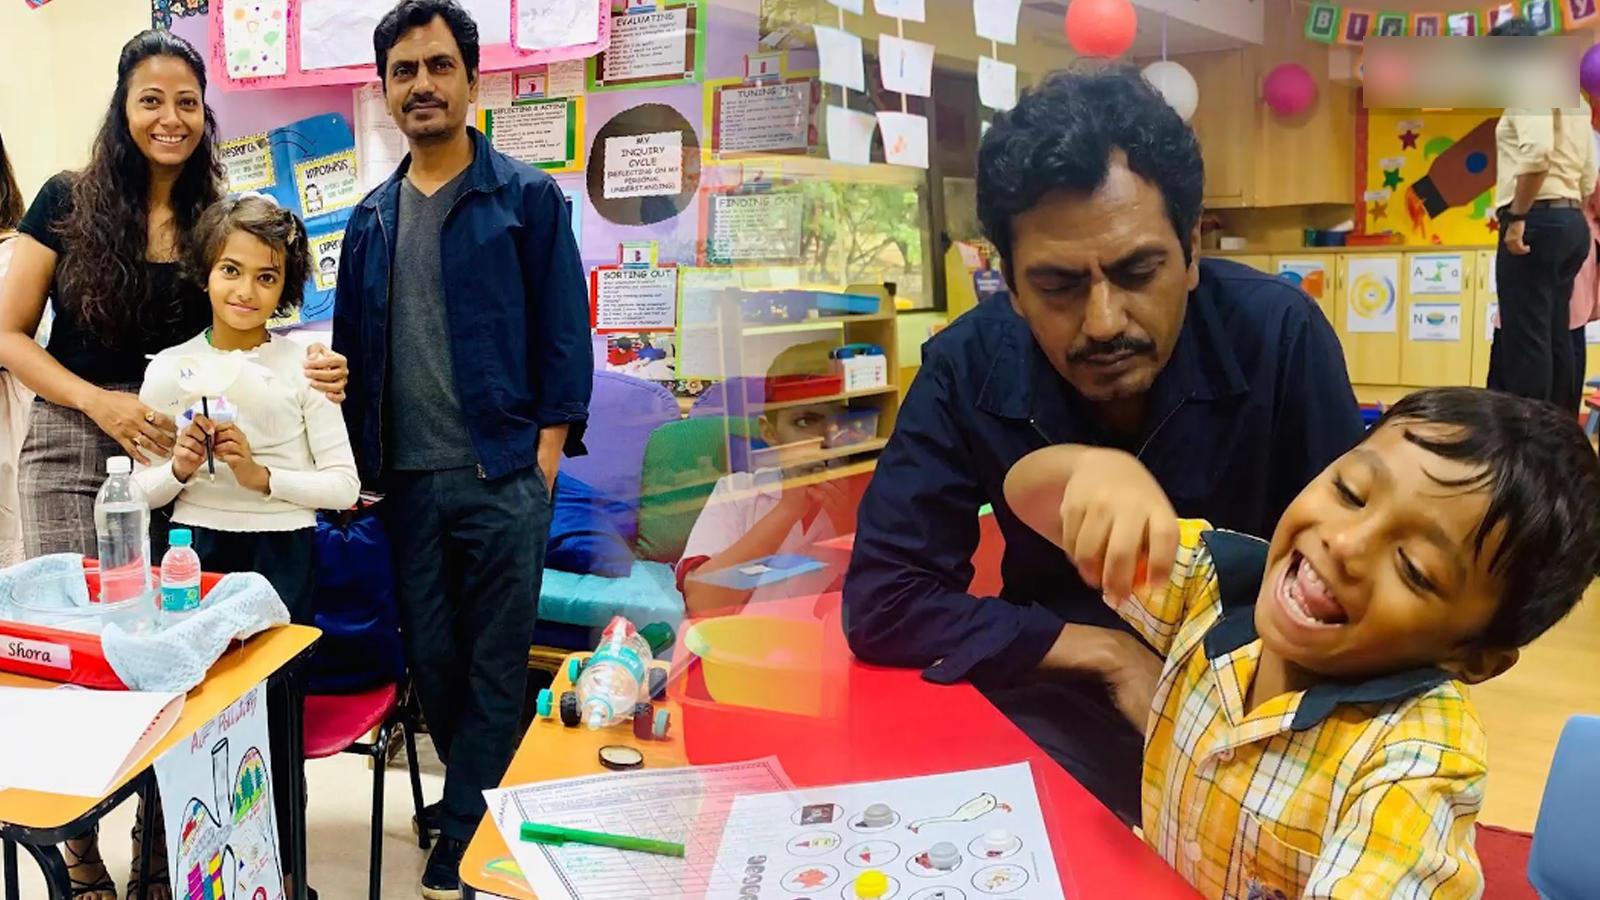 nawazuddin-siddiquis-kids-all-set-to-move-to-dubai-with-their-mother-aaliya-siddiqui